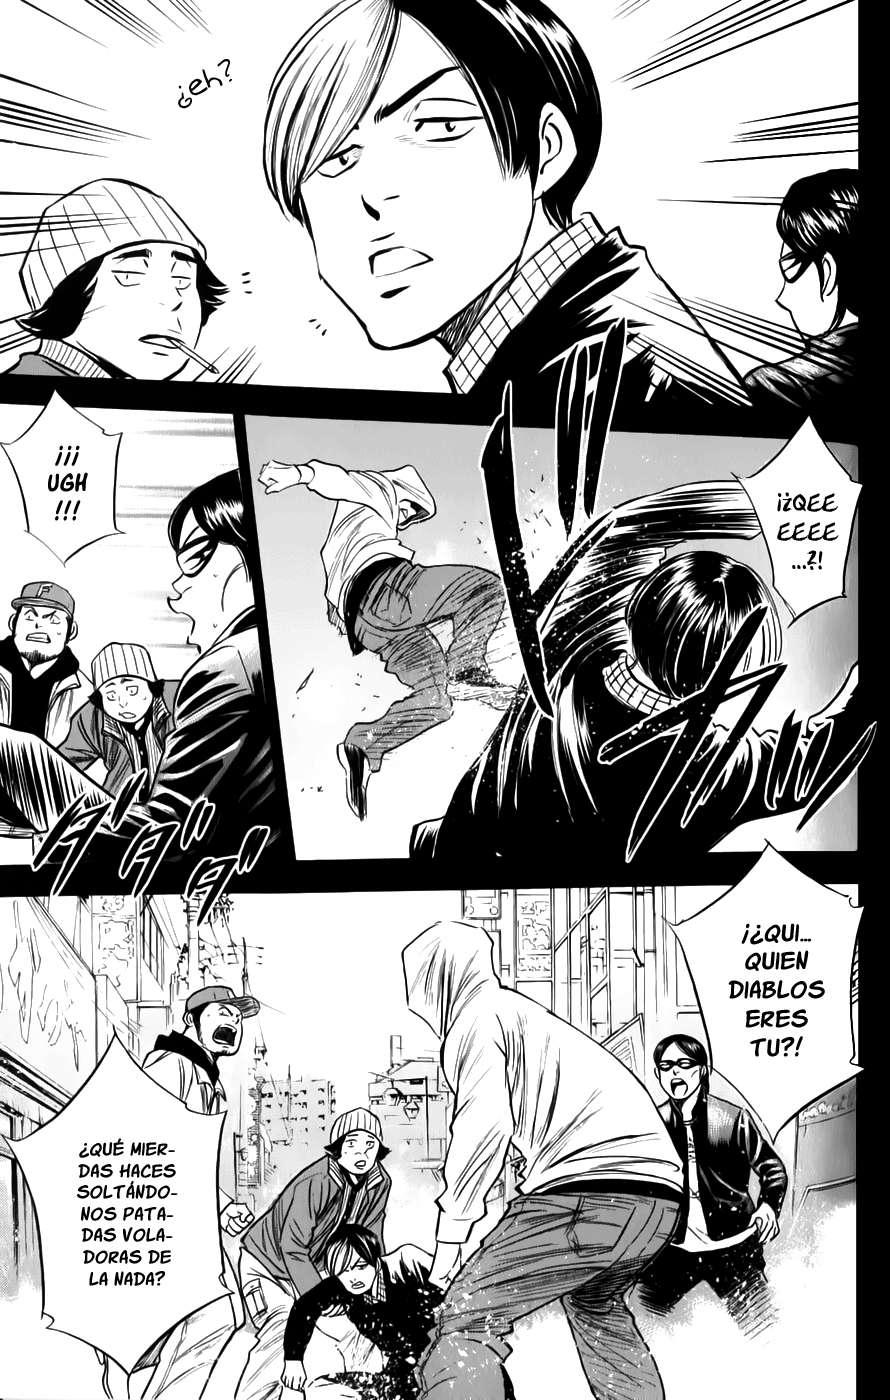 http://c5.ninemanga.com/es_manga/24/1752/395648/41dfccda9b5b255be17050bf5fb959f3.jpg Page 2